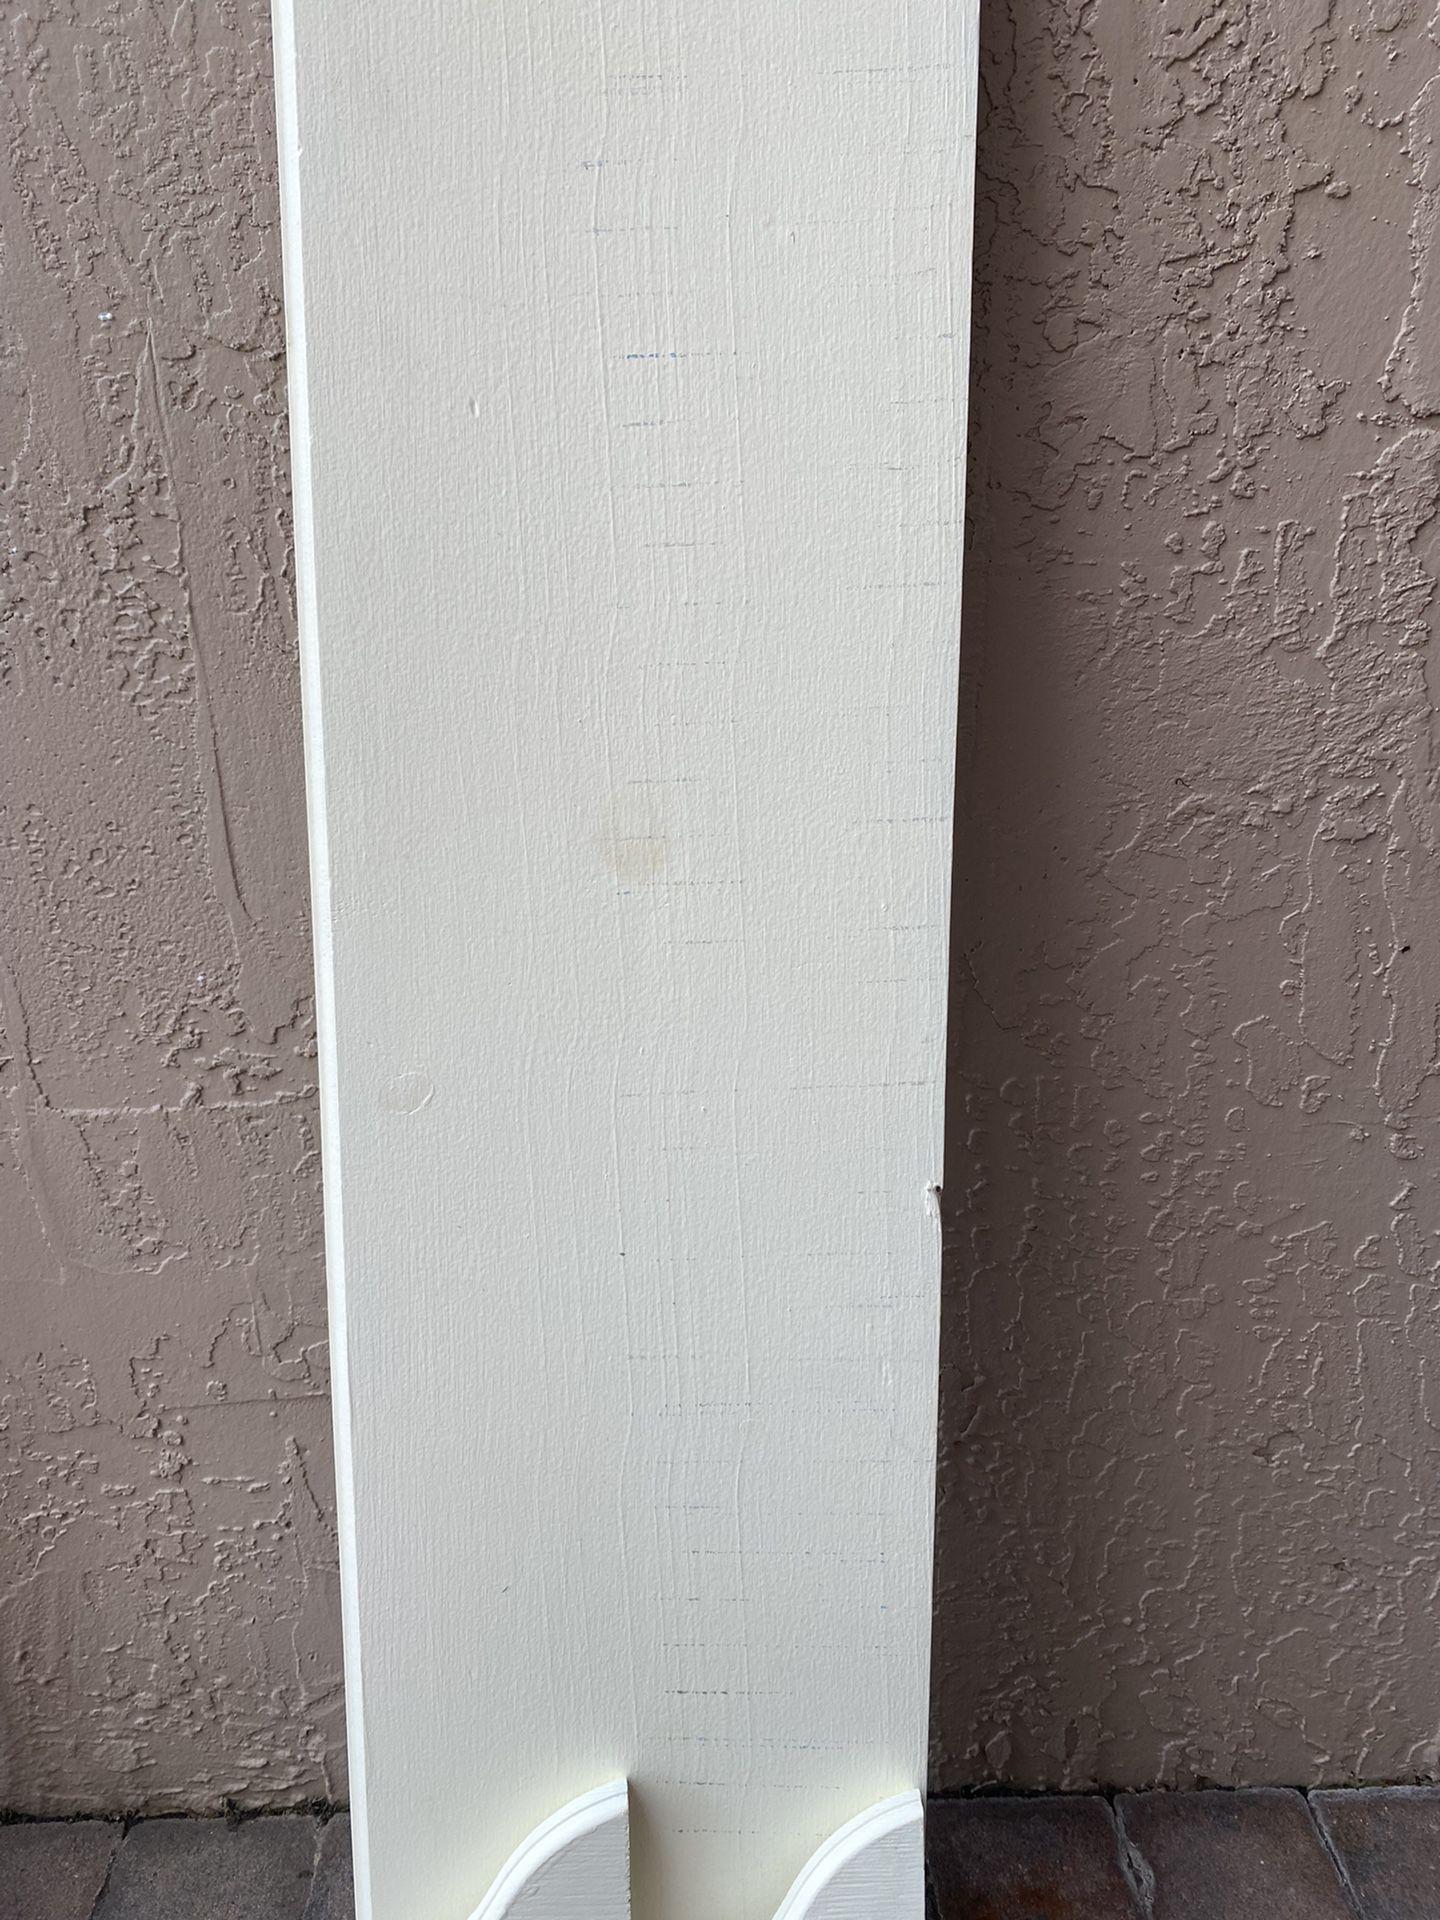 2 White Wooden Shelves